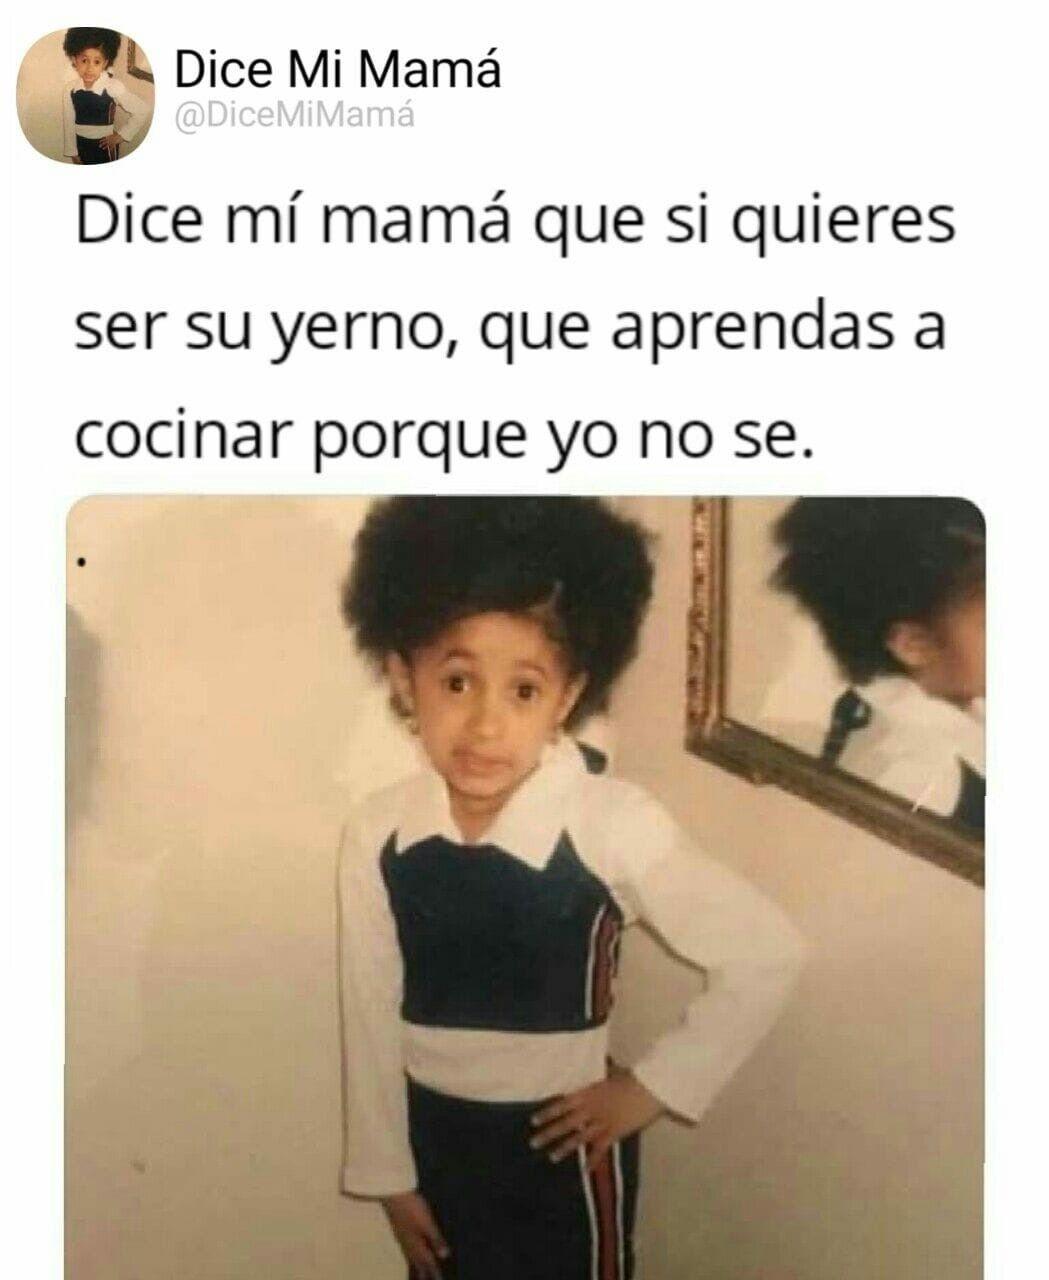 Dice Mi Mama Sepalo Jajaja Memes Funny Cardi B Memes